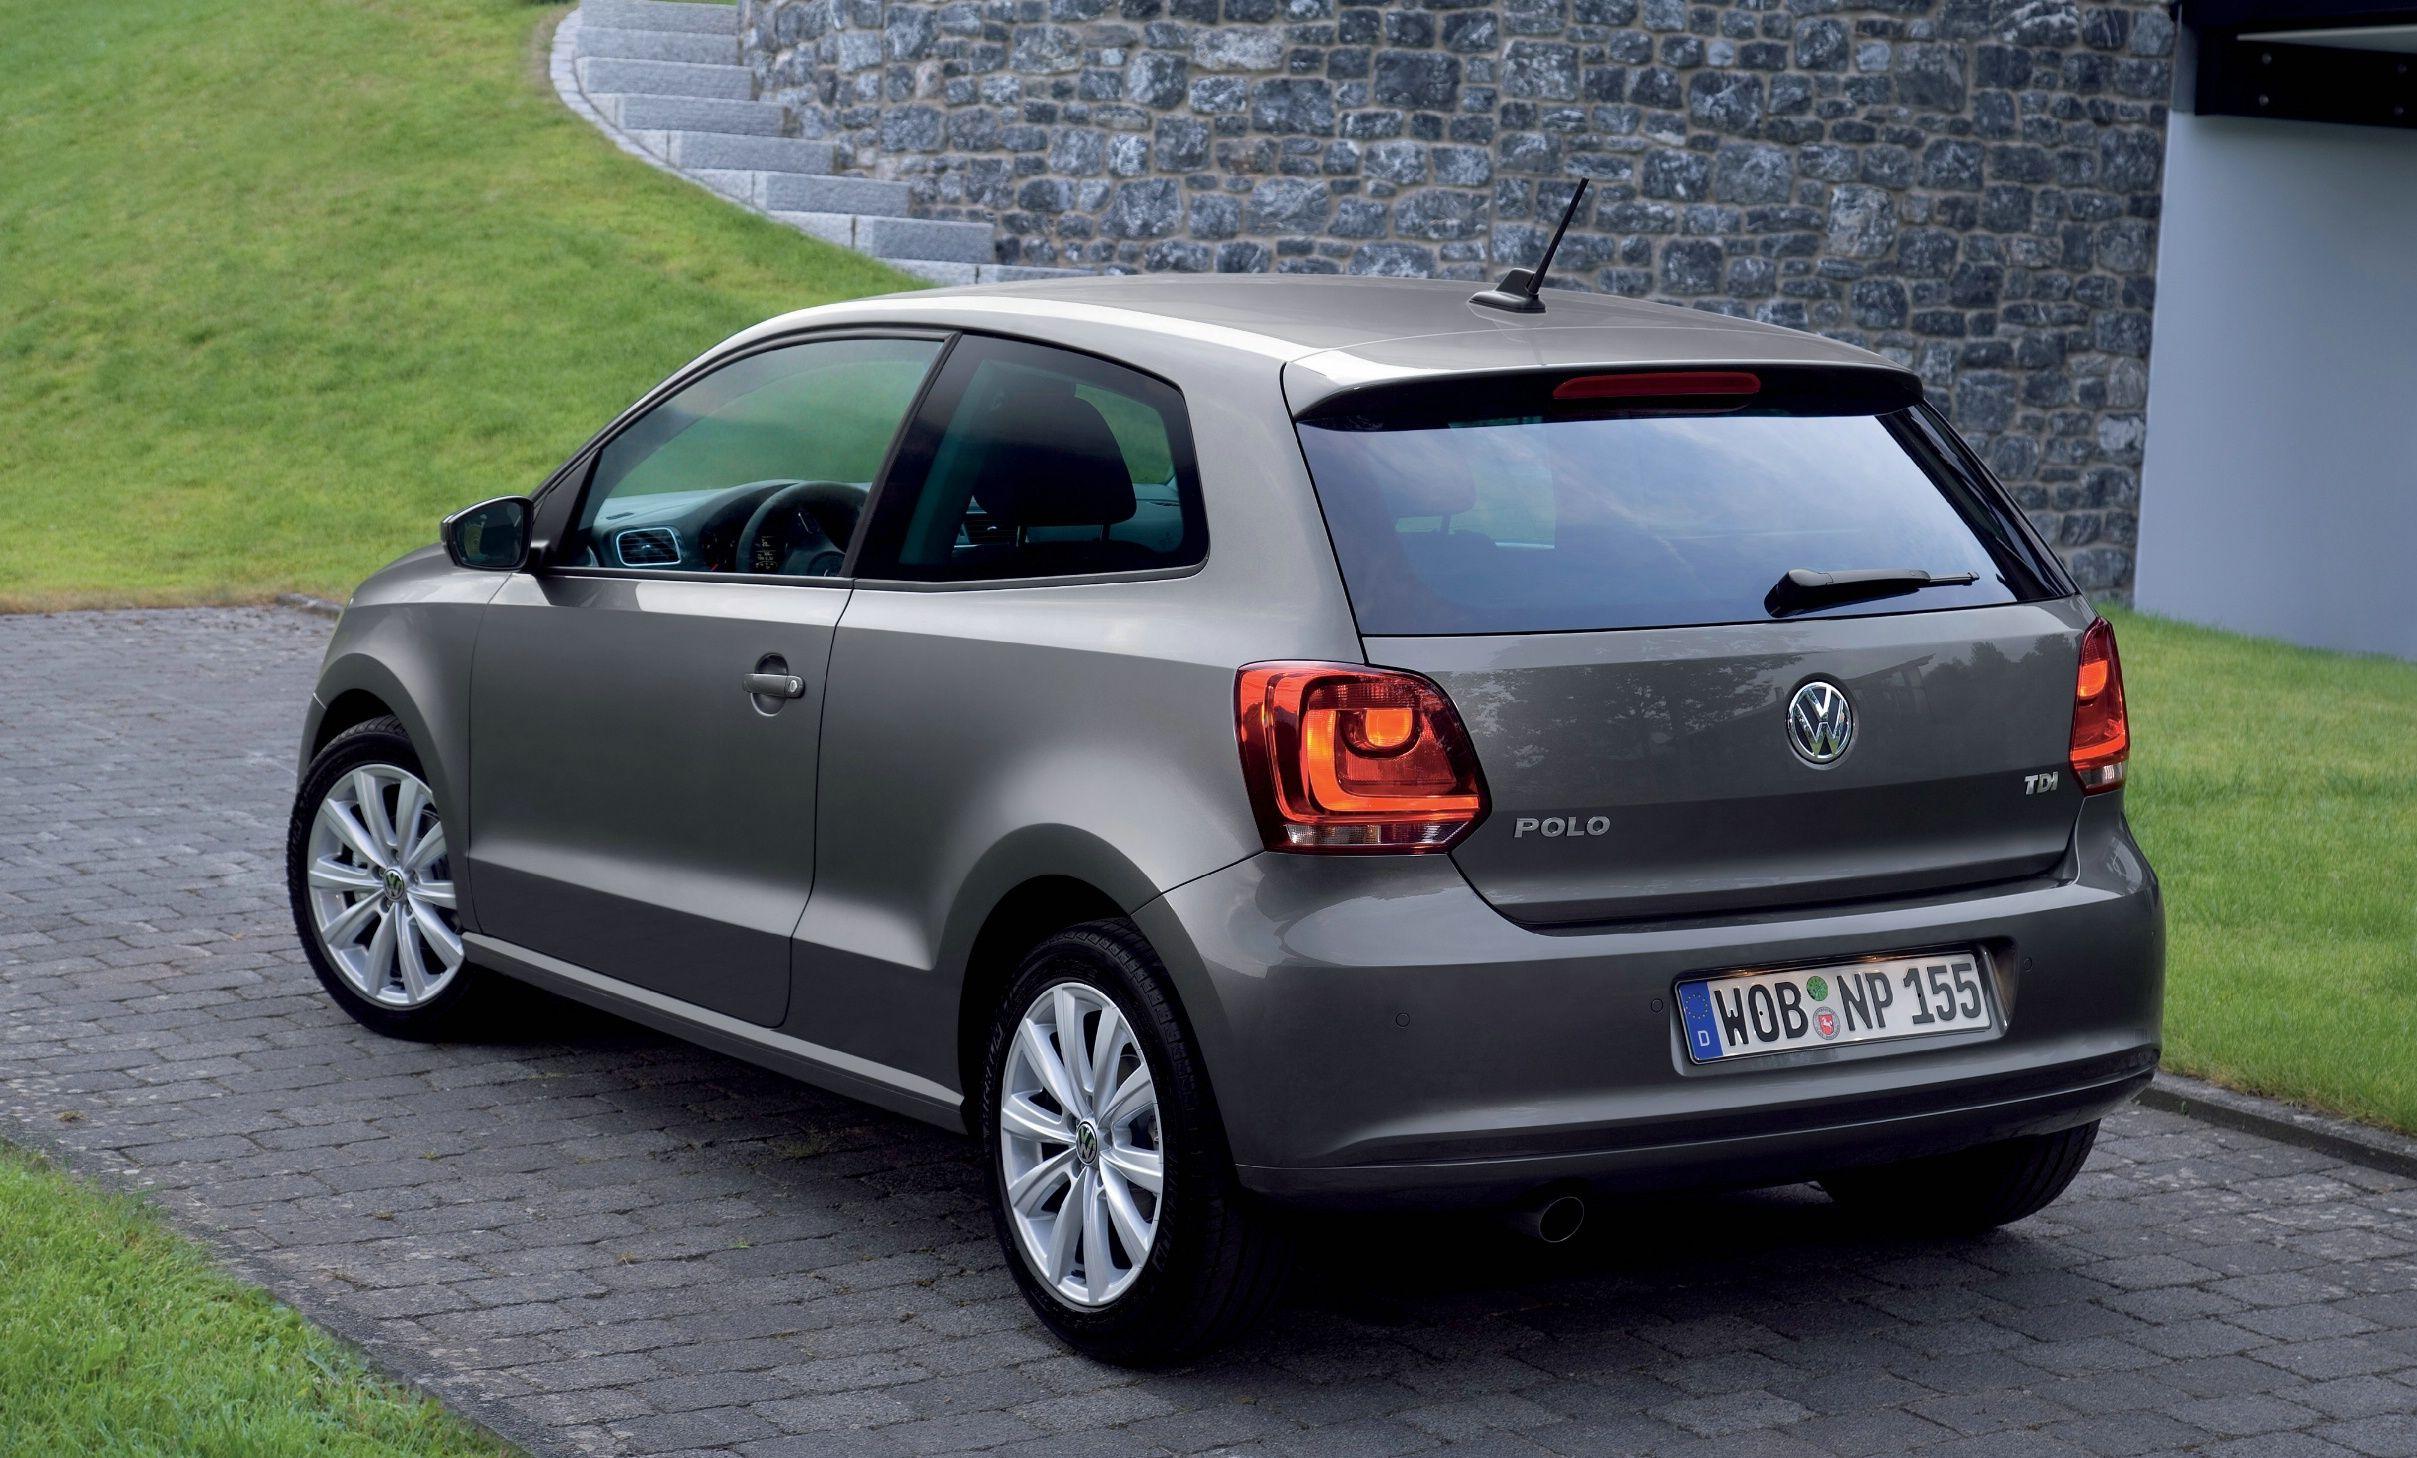 nuova volkswagen polo 3 porte motorizzazioni e prezzi. Black Bedroom Furniture Sets. Home Design Ideas